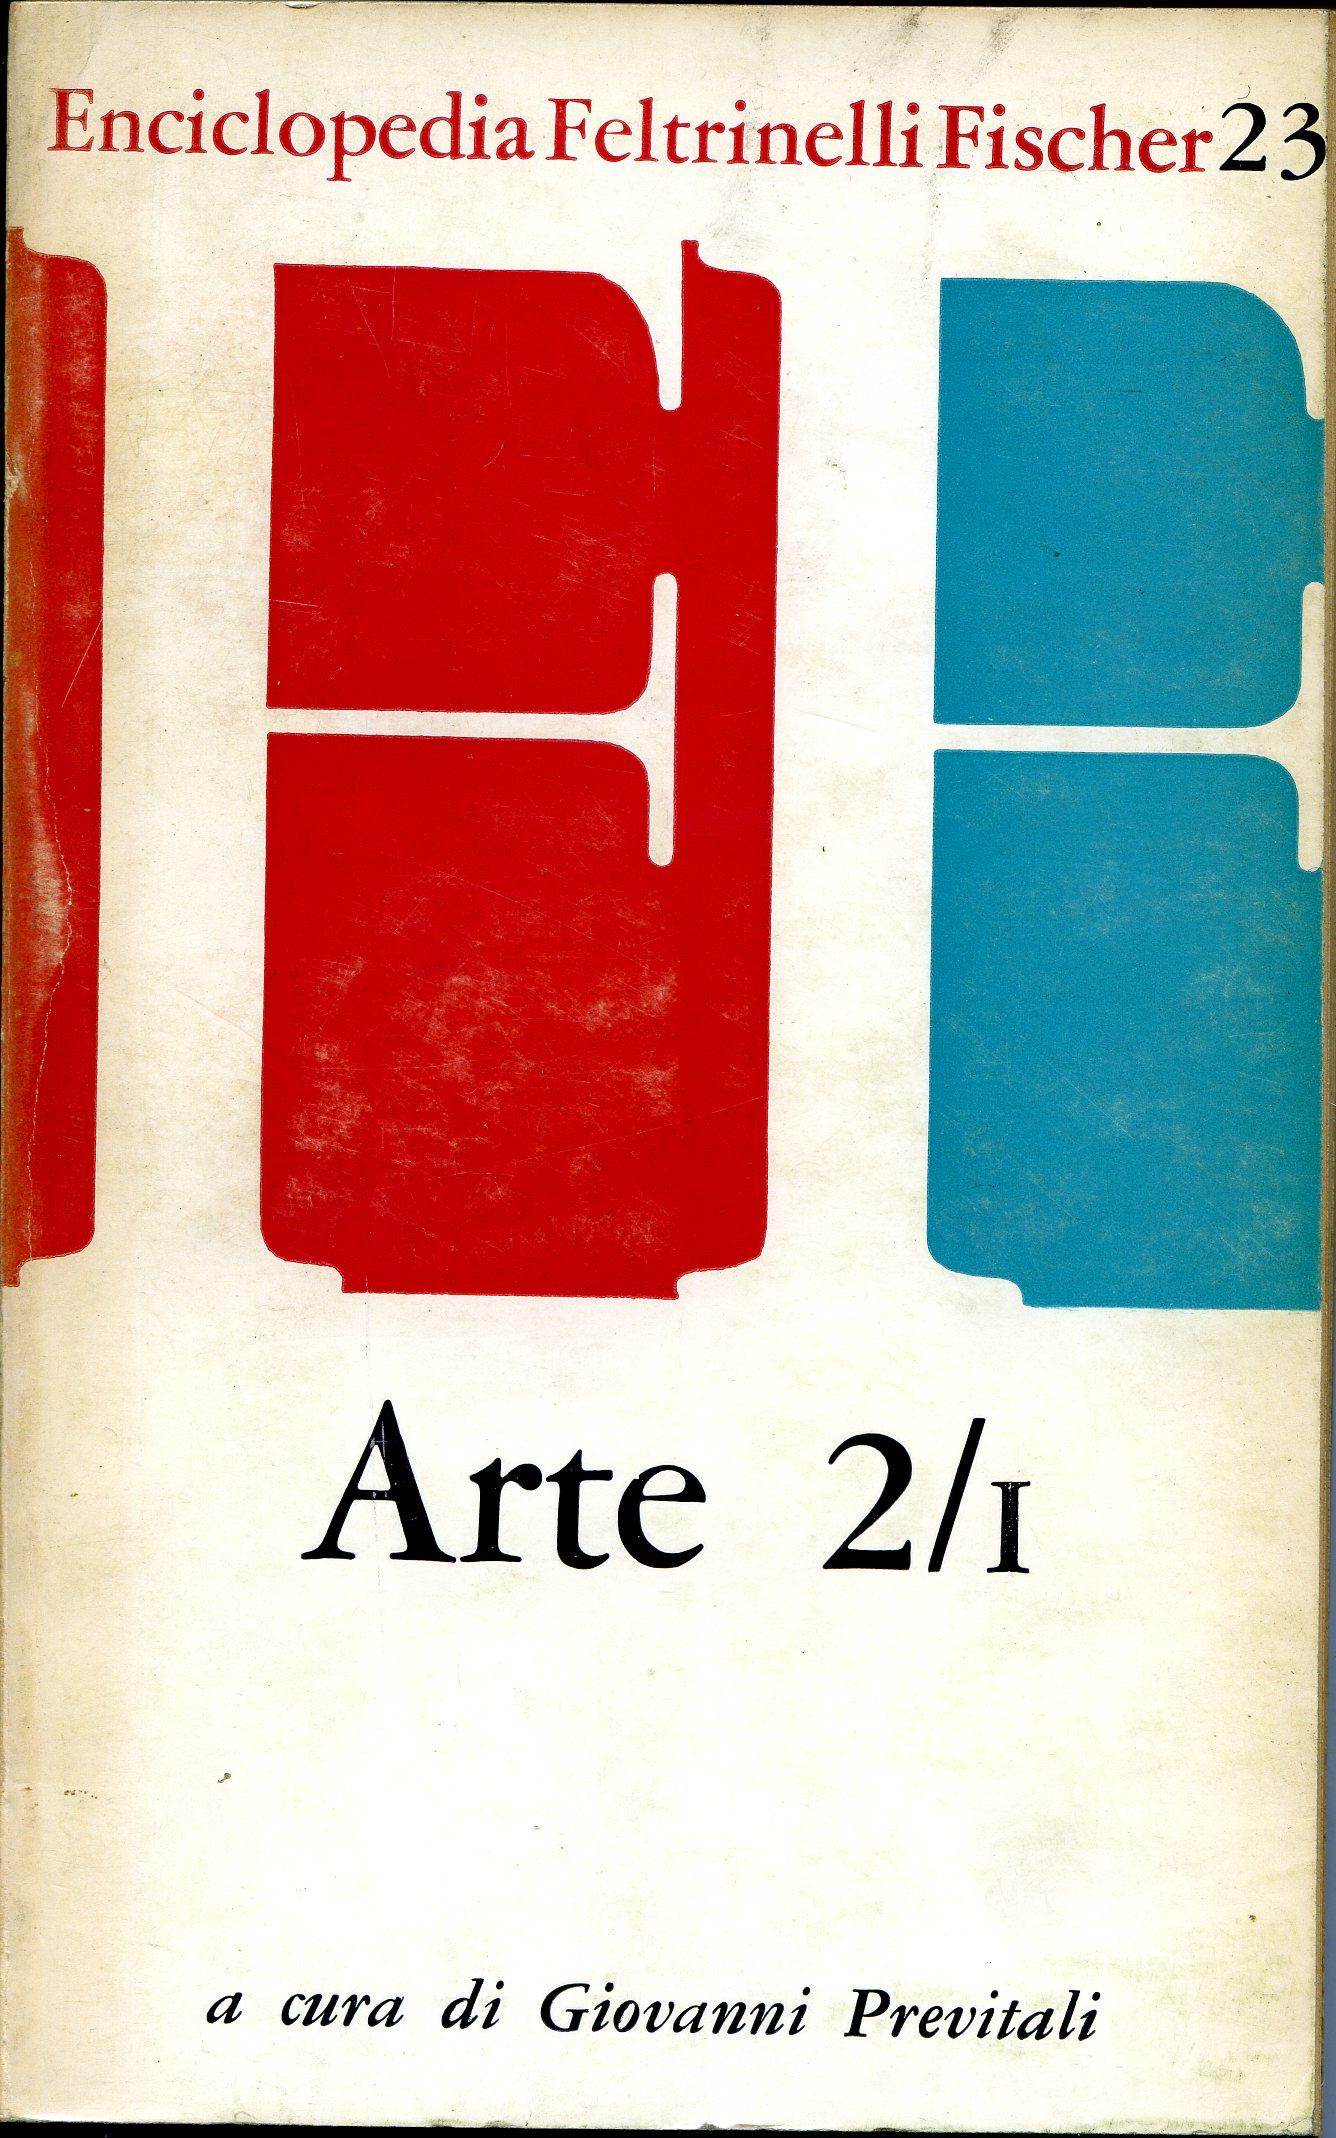 Arte 2/1